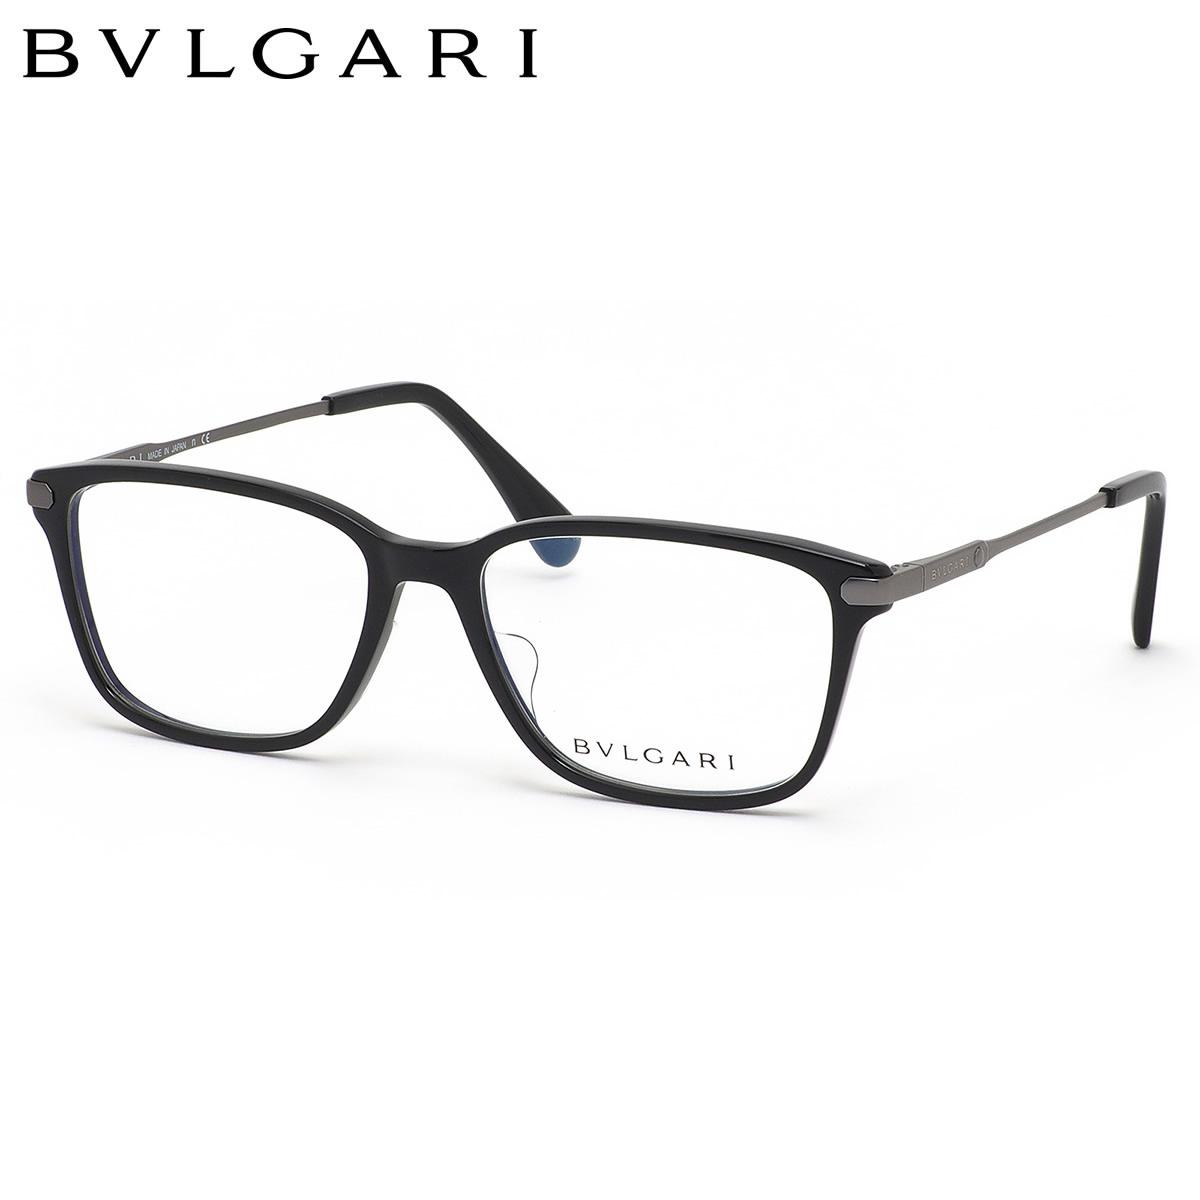 ほぼ全品ポイント15倍~最大34倍+2倍! 【ブルガリ】 (BVLGARI) メガネBV3030D 501 55サイズBVLGARI スクエア メンズ レディースBVLGARI メンズ レディース